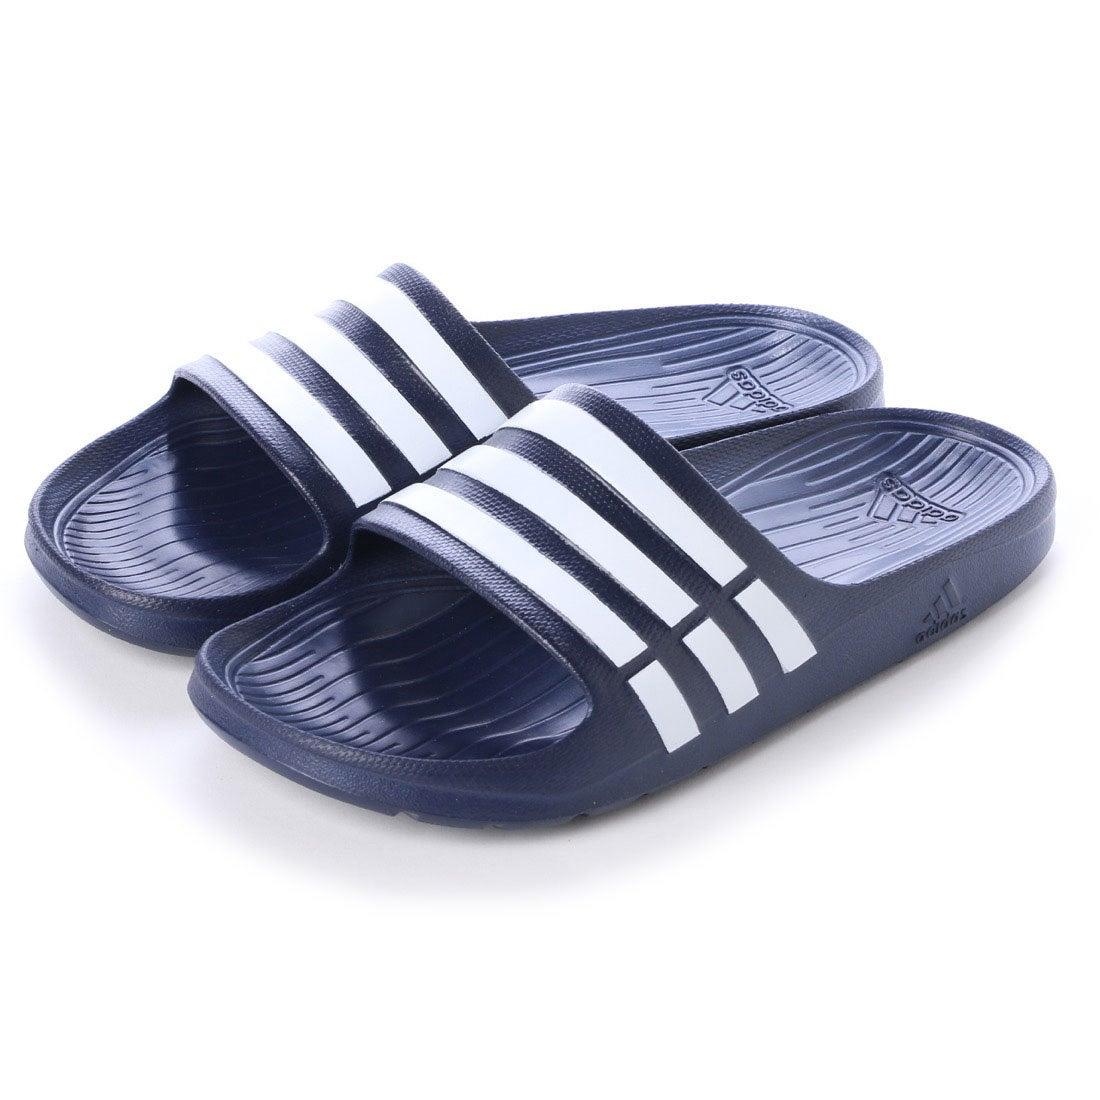 アディダス adidas サンダル デュラモスライド DURAMO SLIDE G15892 395 (ニュネイビー×ホワイト) レディース メンズ